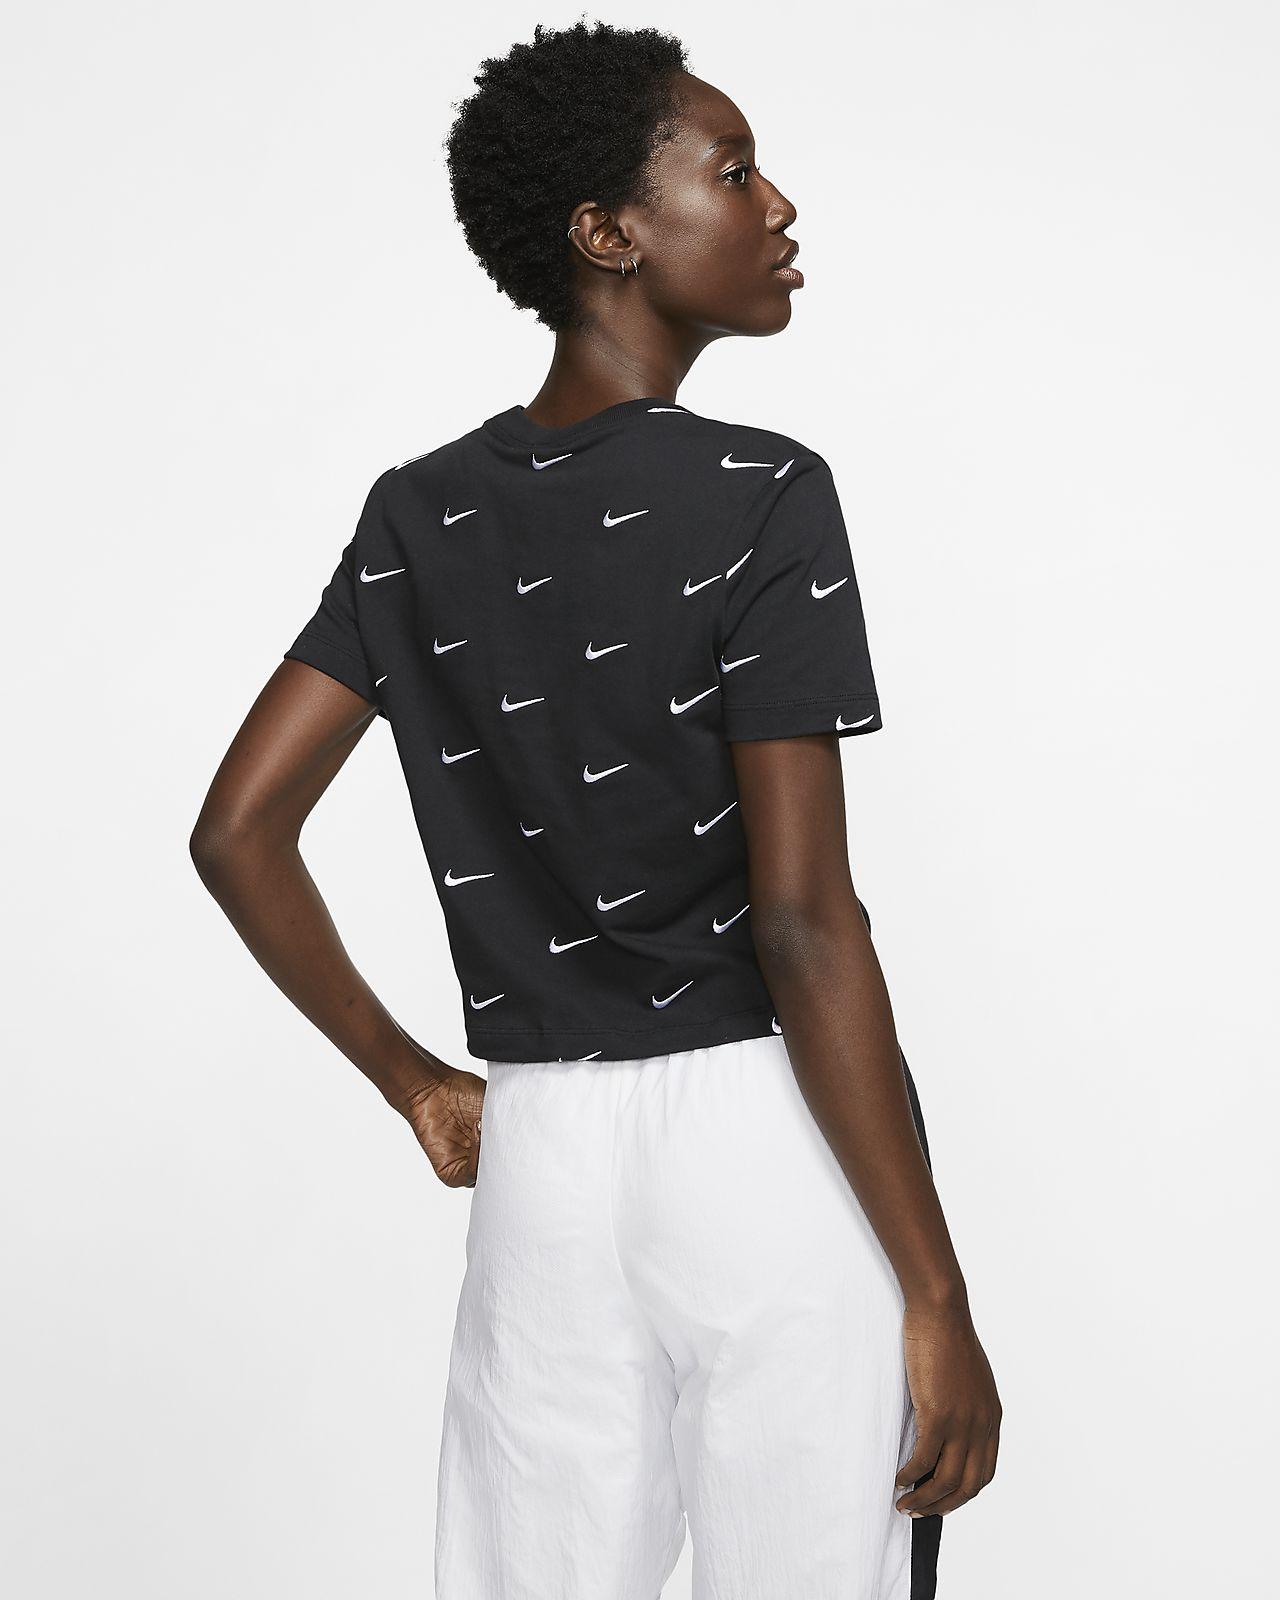 Nike Women's Swoosh Logo T Shirt